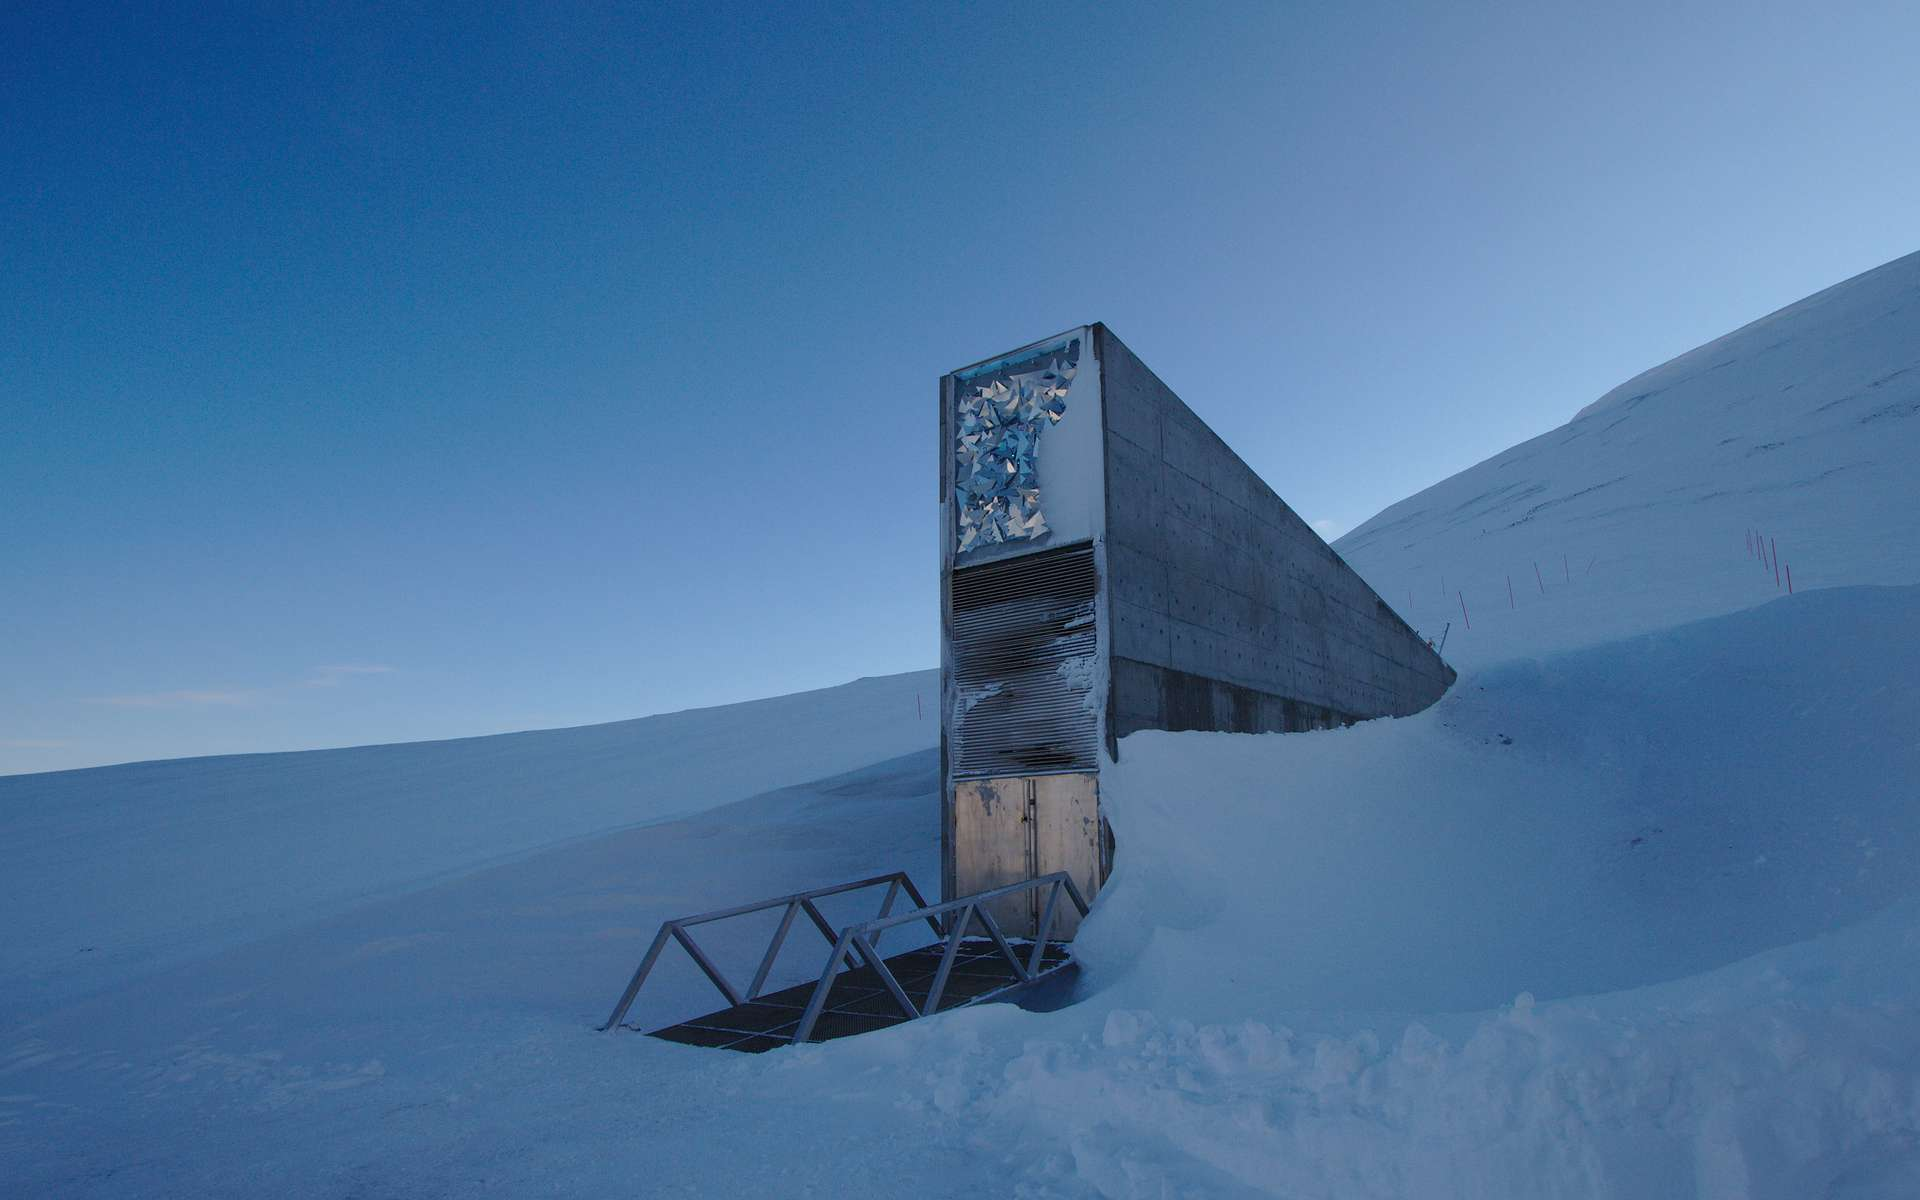 C'est sur l'archipel du Svalbard (Norvège), tout au nord de l'océan Atlantique, qu'a été lancé le projet de Réserve mondiale de semences, destiné aux générations futures. © Einar Jørgen Haraldseid from Gjøvik, Norway, Wikimedia Commons, CC by-sa 2.0